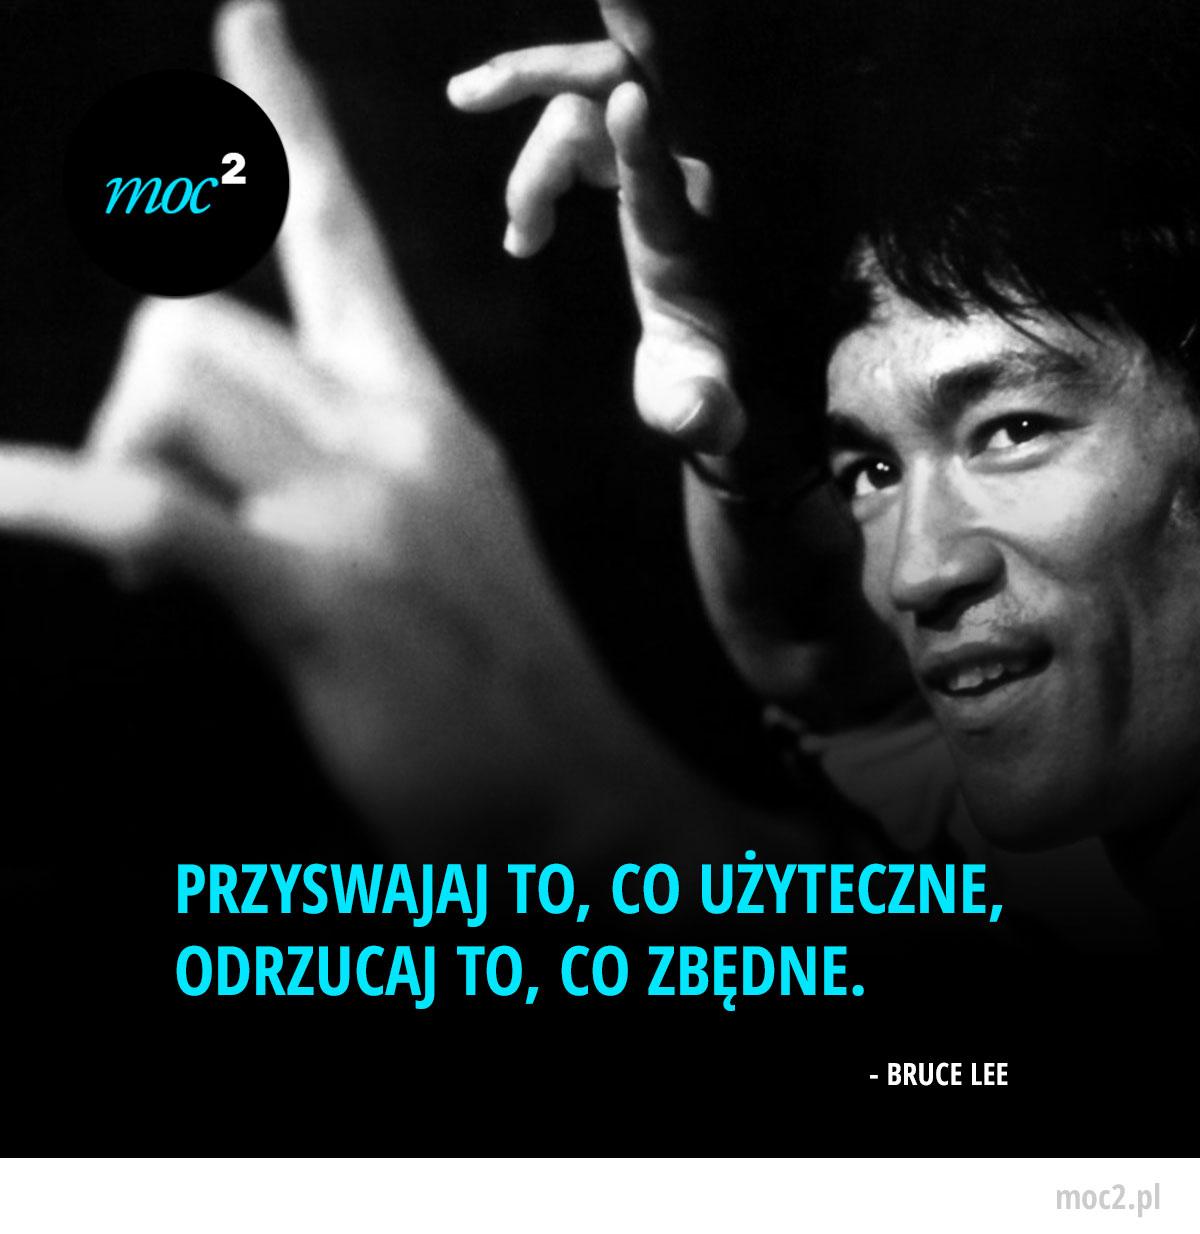 Przyswajaj to, co użyteczne, odrzucaj to, co zbędne. - Bruce Lee